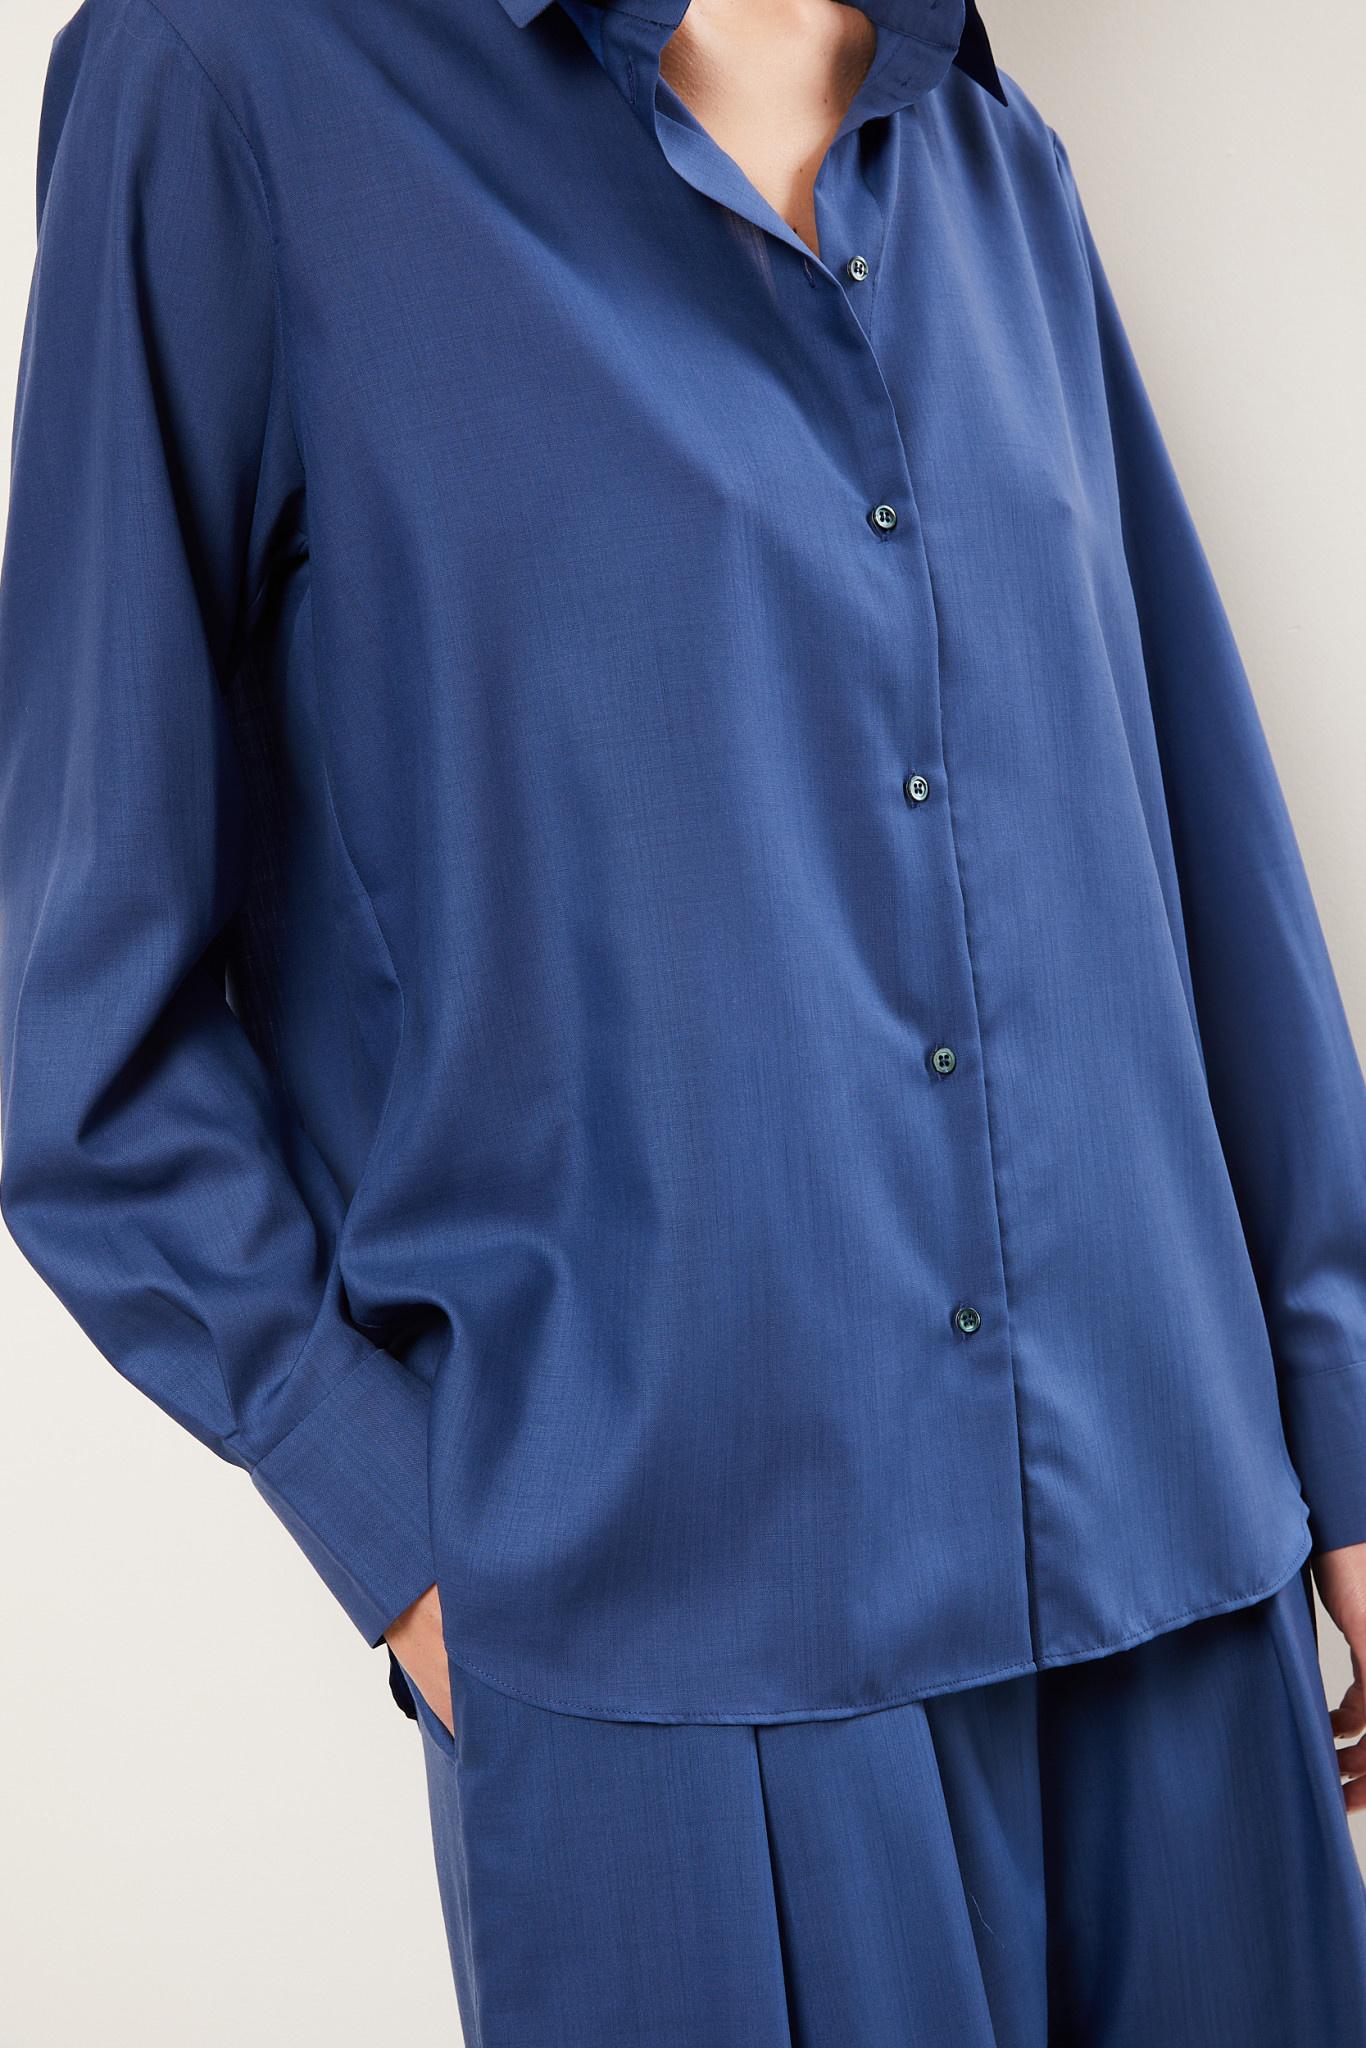 inDRESS - Curry vert shirt